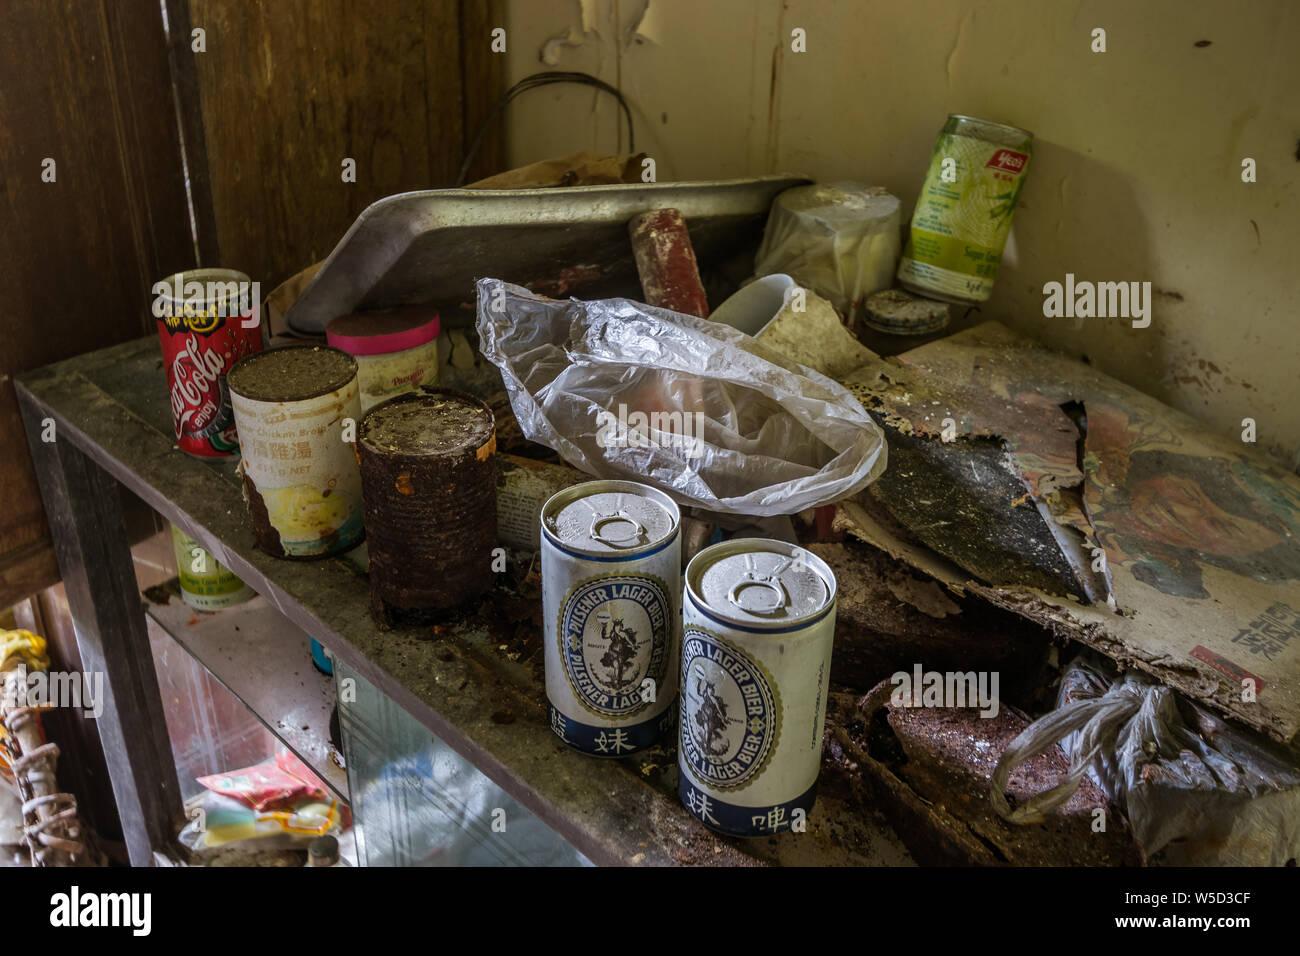 Latas oxidadas en una vitrina en la casa abandonada Foto de stock